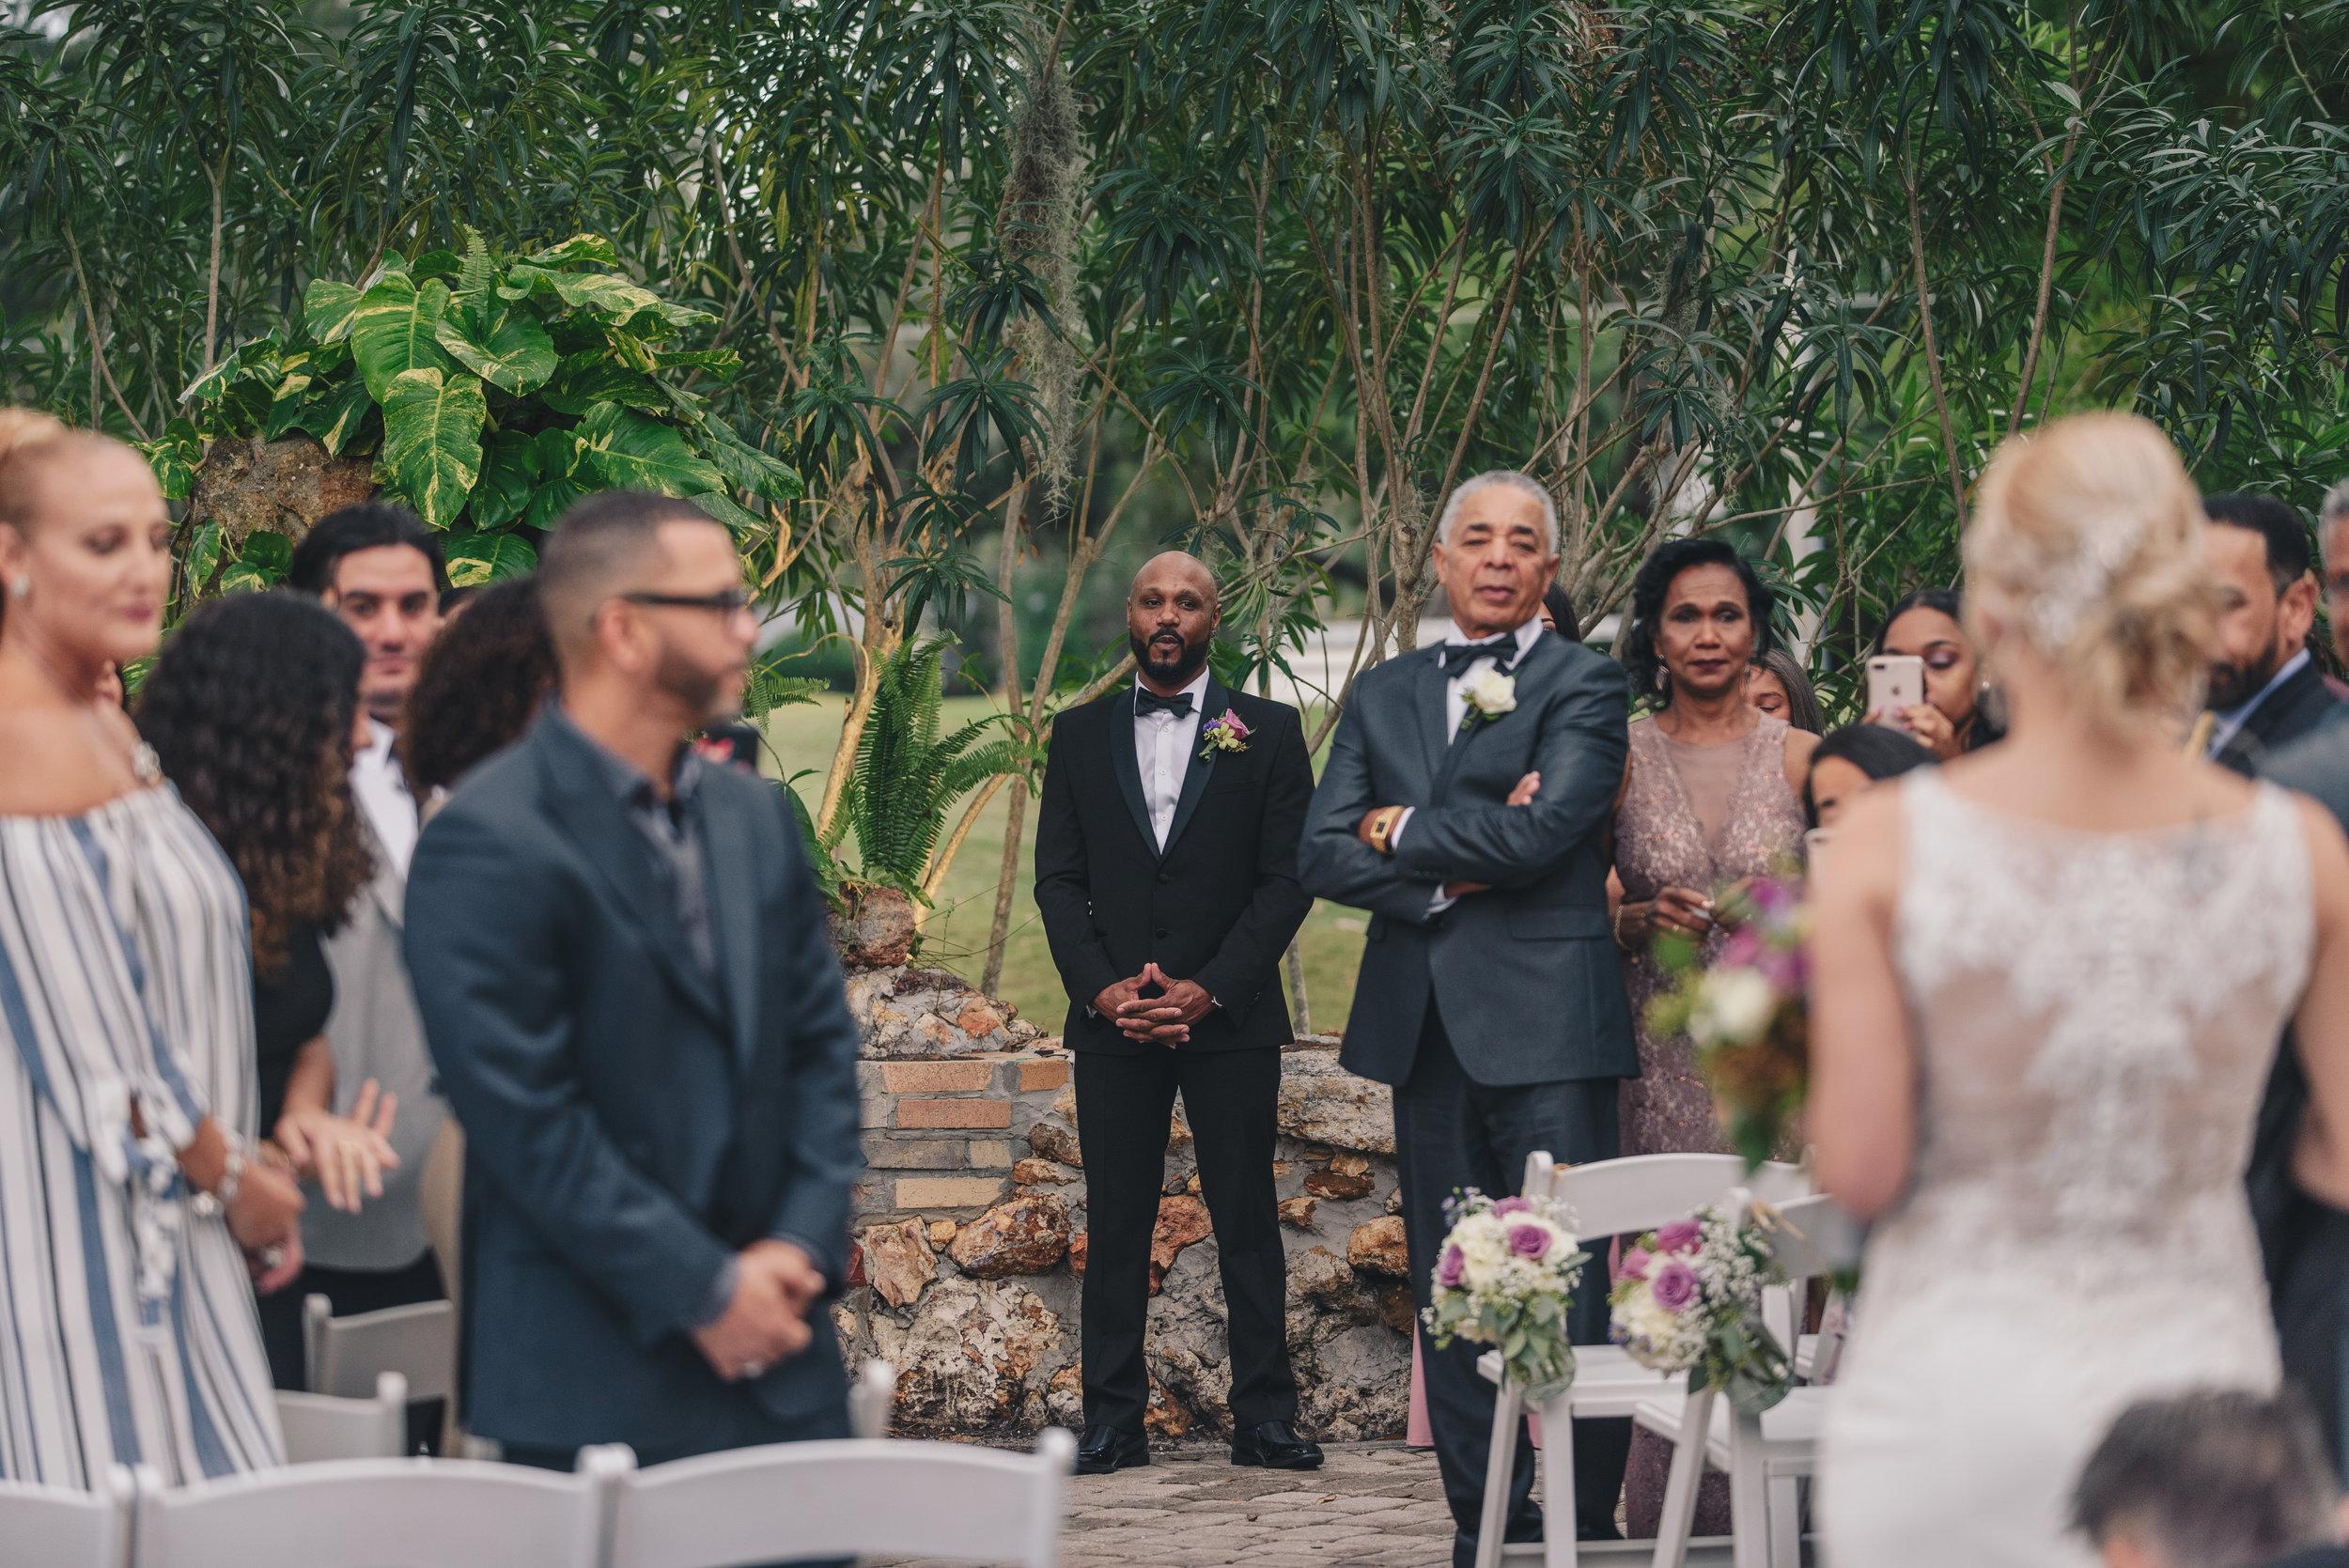 Los-Vargas-Photo-Wedding-Historic-Dubsdread-Ballroom-8156.jpg